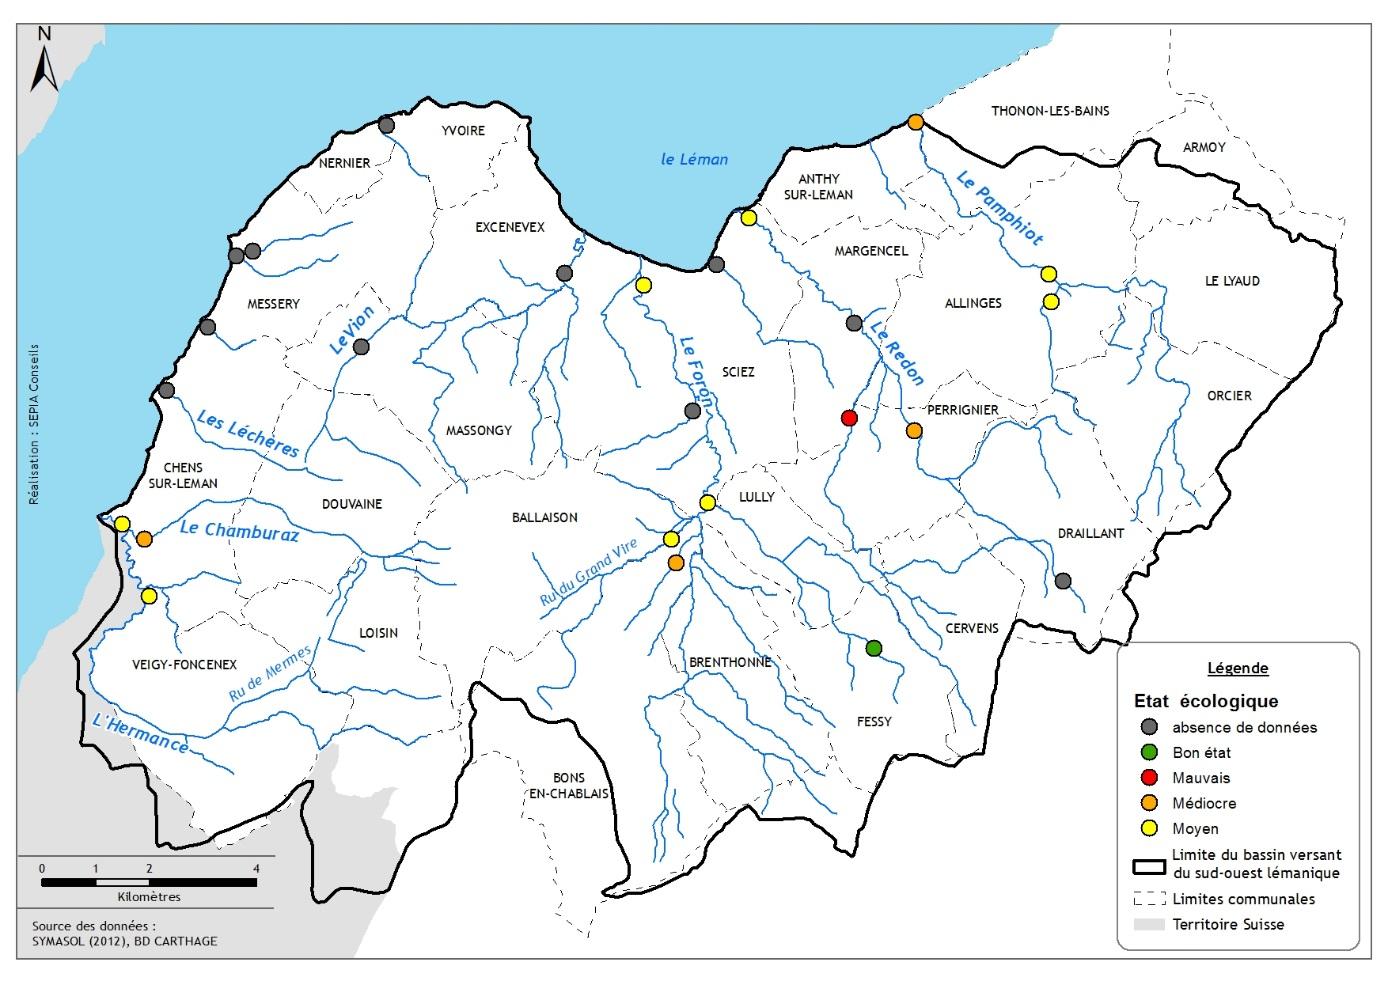 Etat écologique des rivières